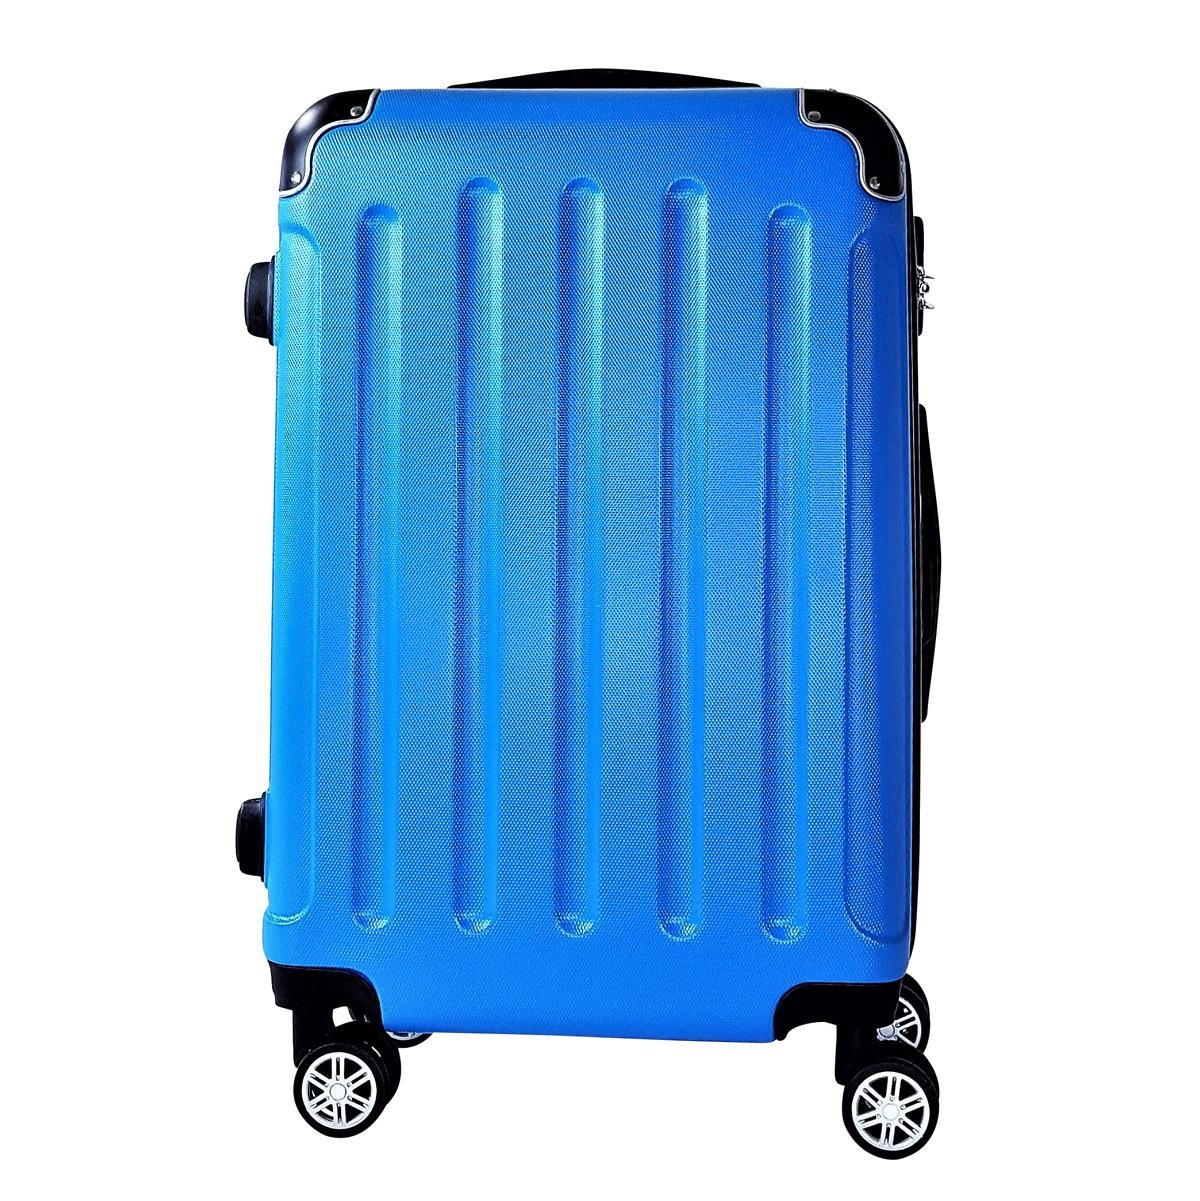 Reisekoffer BERLIN Hartschale Trolley M / 55cm / Handgepäck Reise Koffer Case Tasche Trolly Cabine (Blau) QTC-1026_DR-M